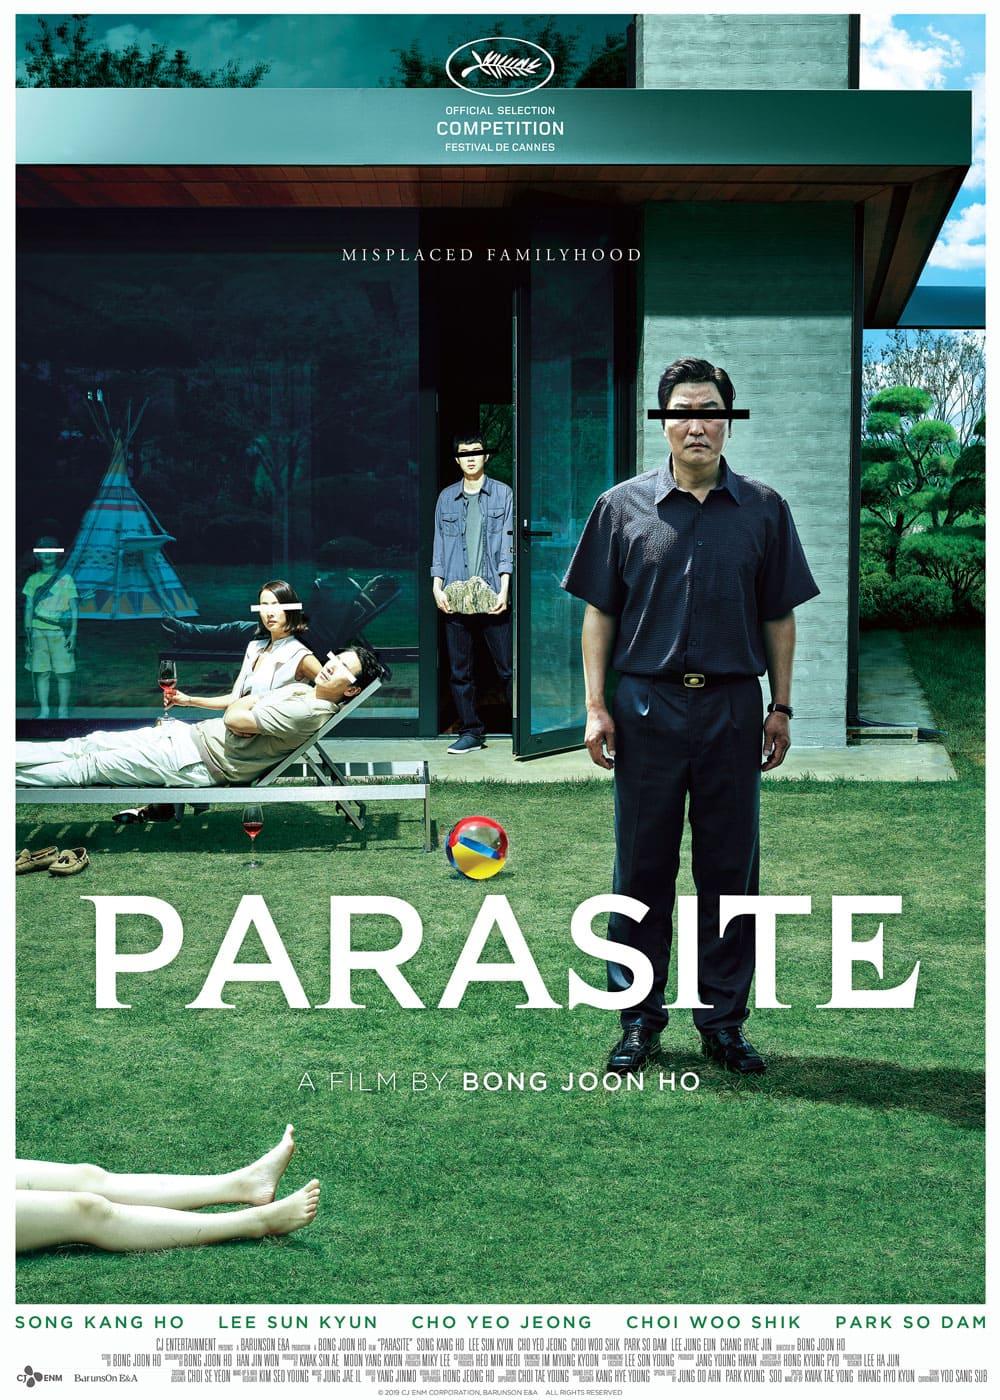 Parasite - Bong Joon Ho (2019)